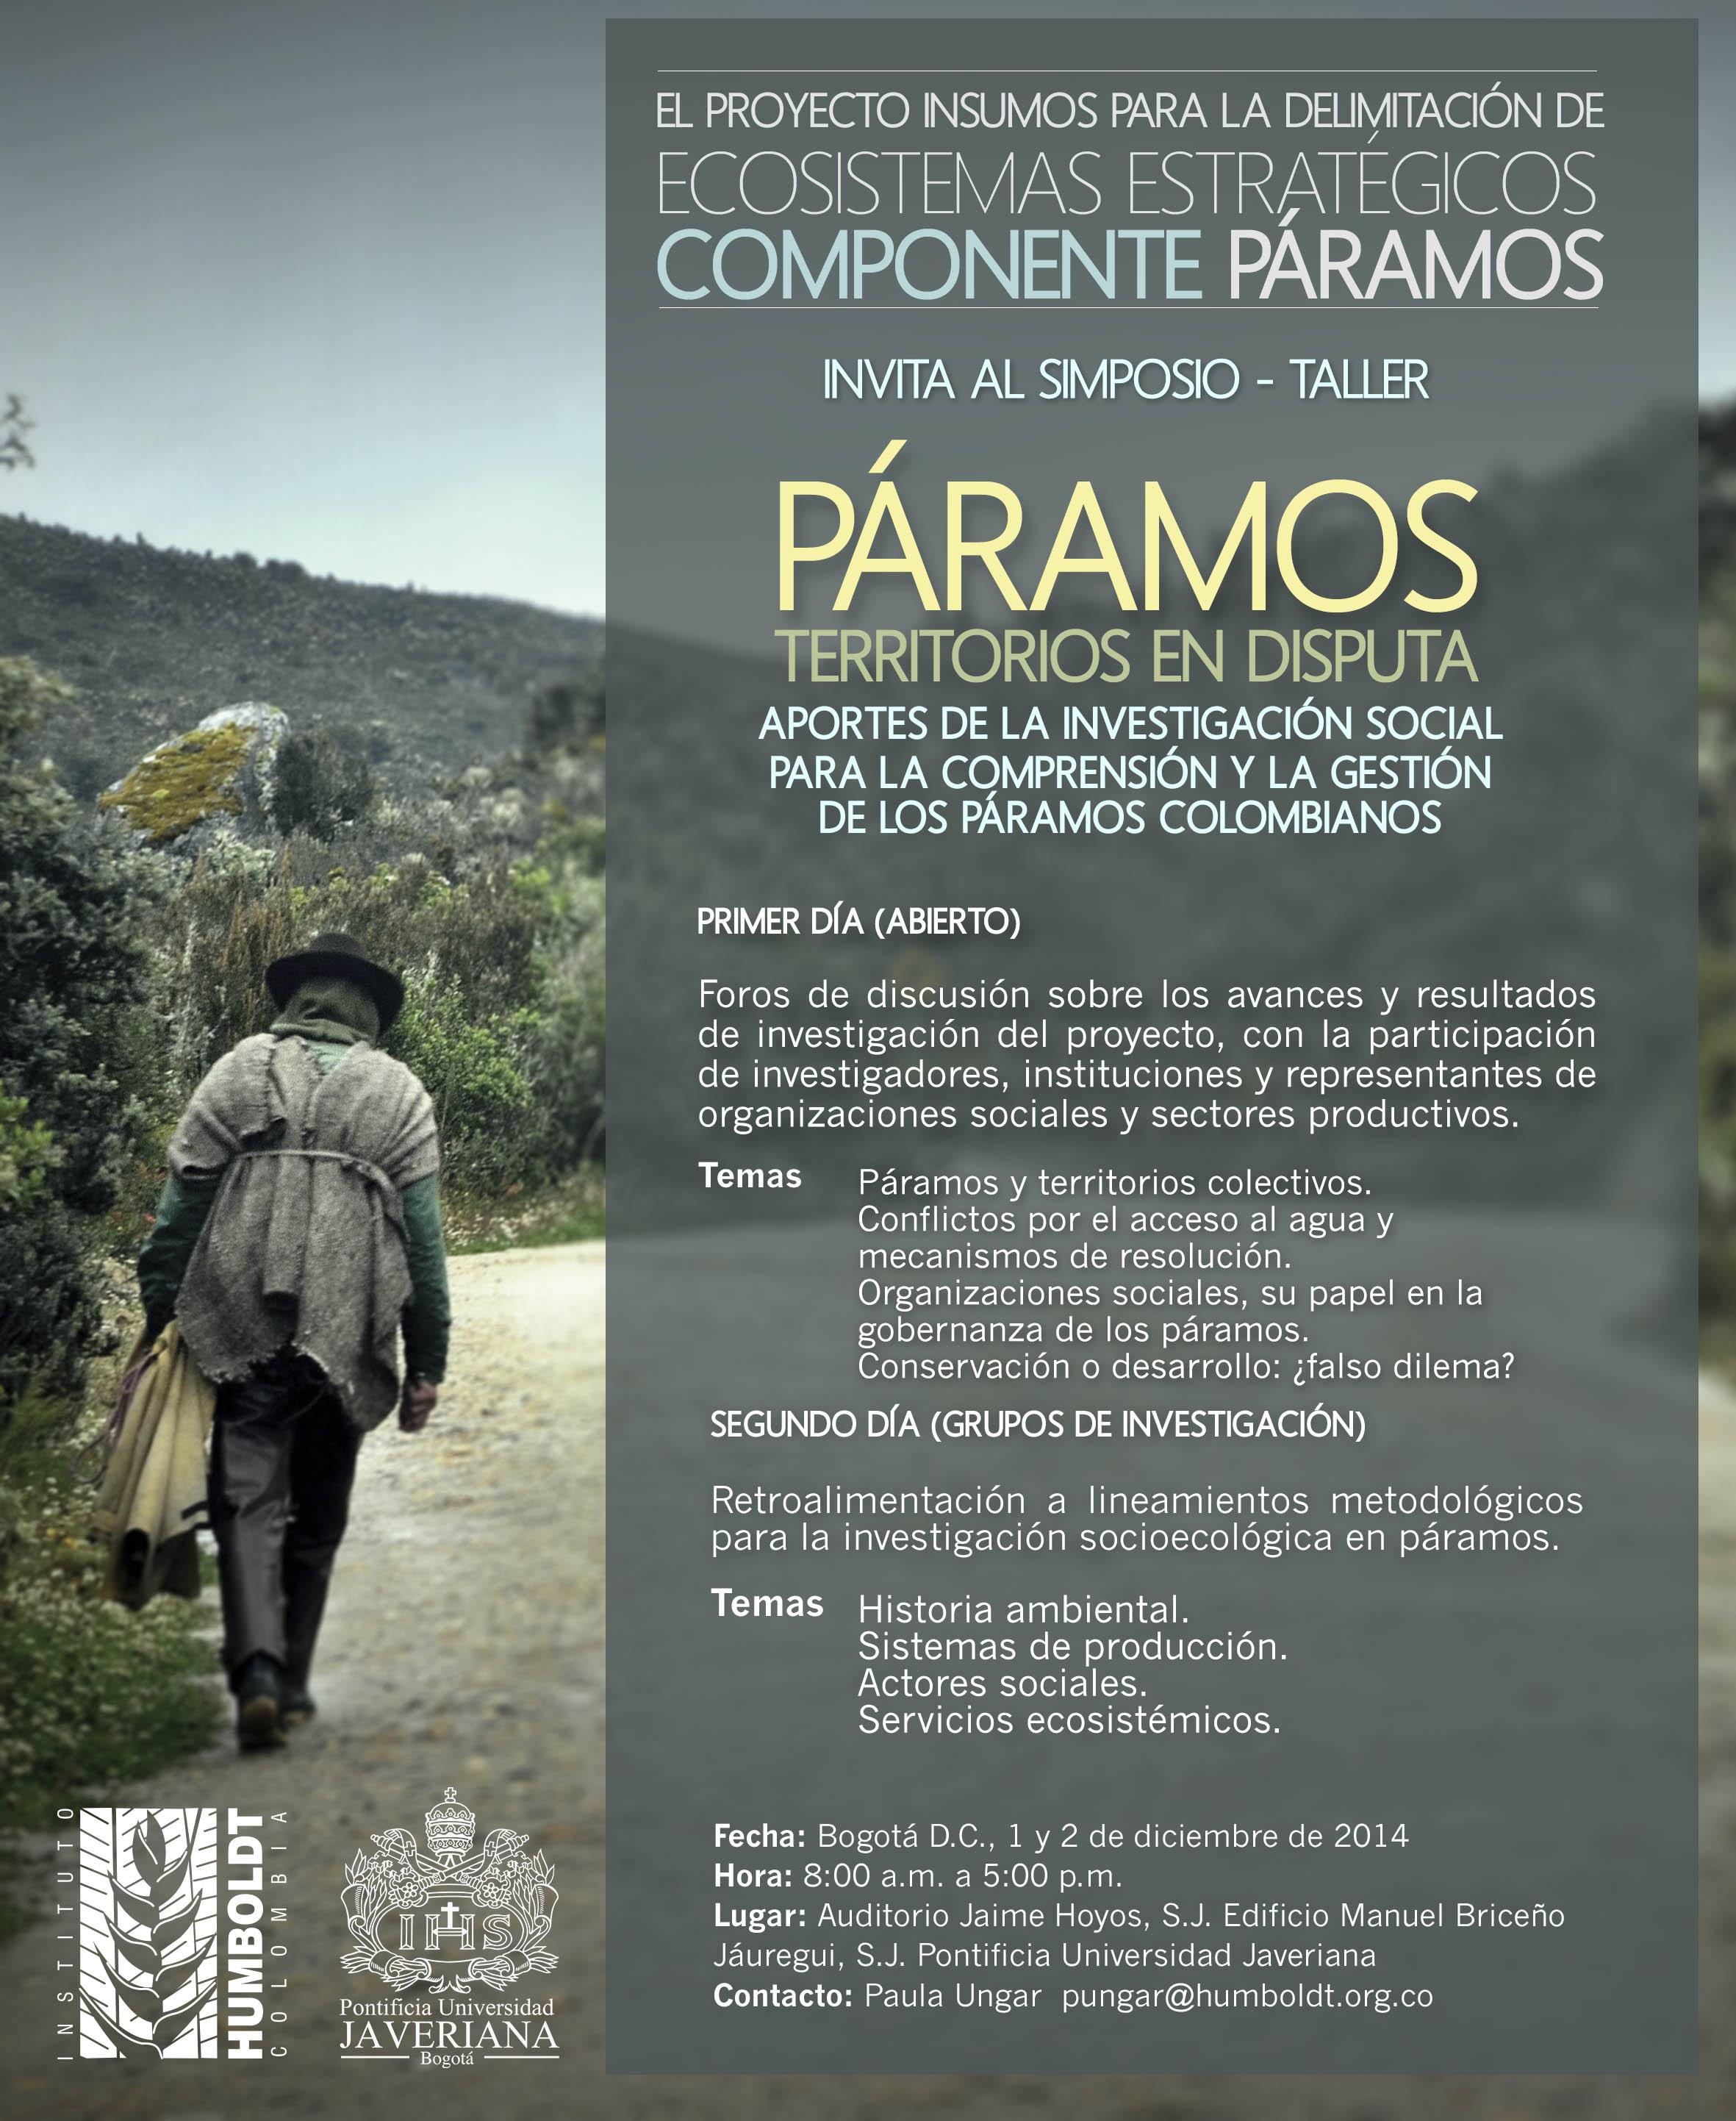 Paramos2014